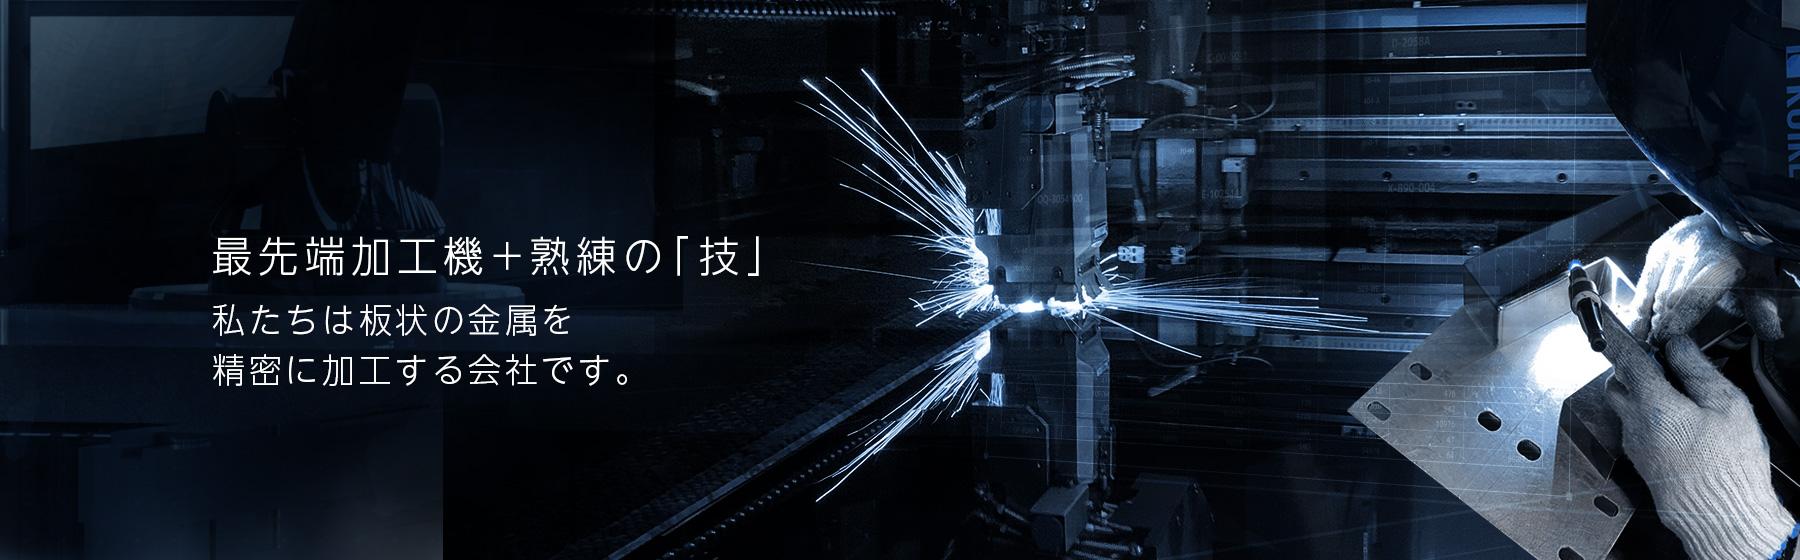 最先端加工機+熟練の技。金属のファイバレーザー複合加工・曲げ加工・溶接加工